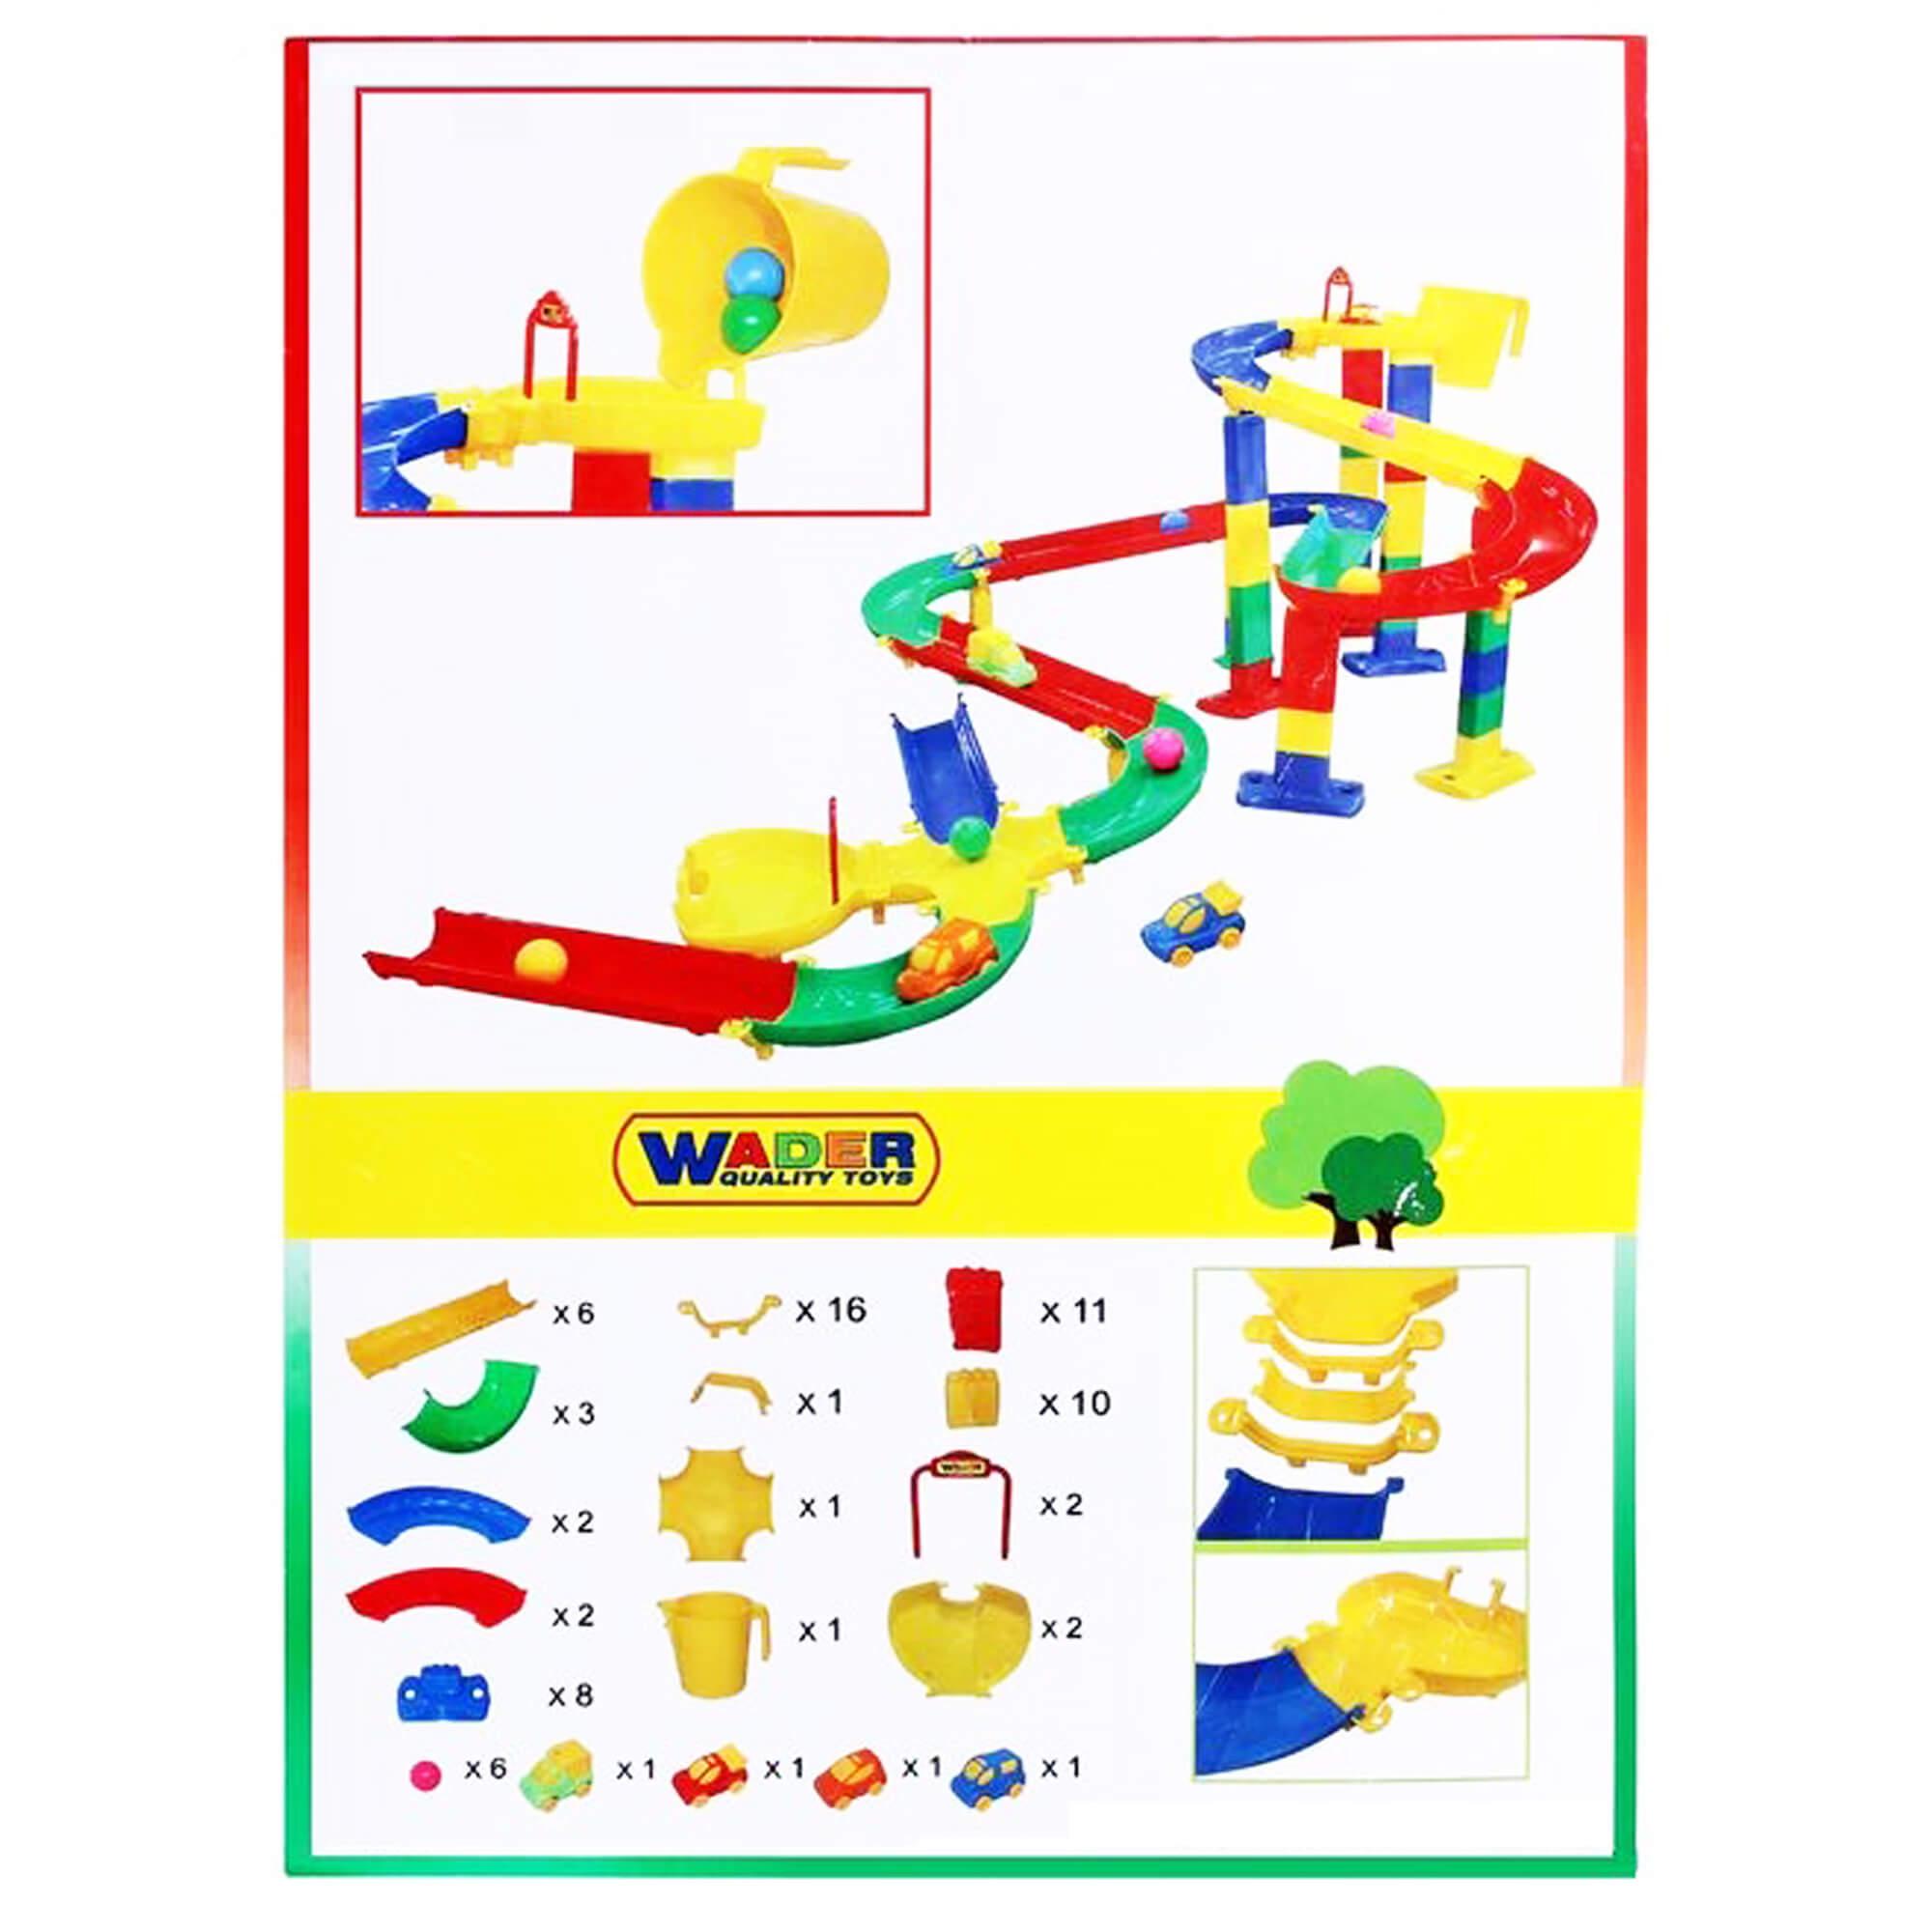 Bộ mô hình đồ chơi đường đua cho bi và xe ô tô Số 2 Wader Toys